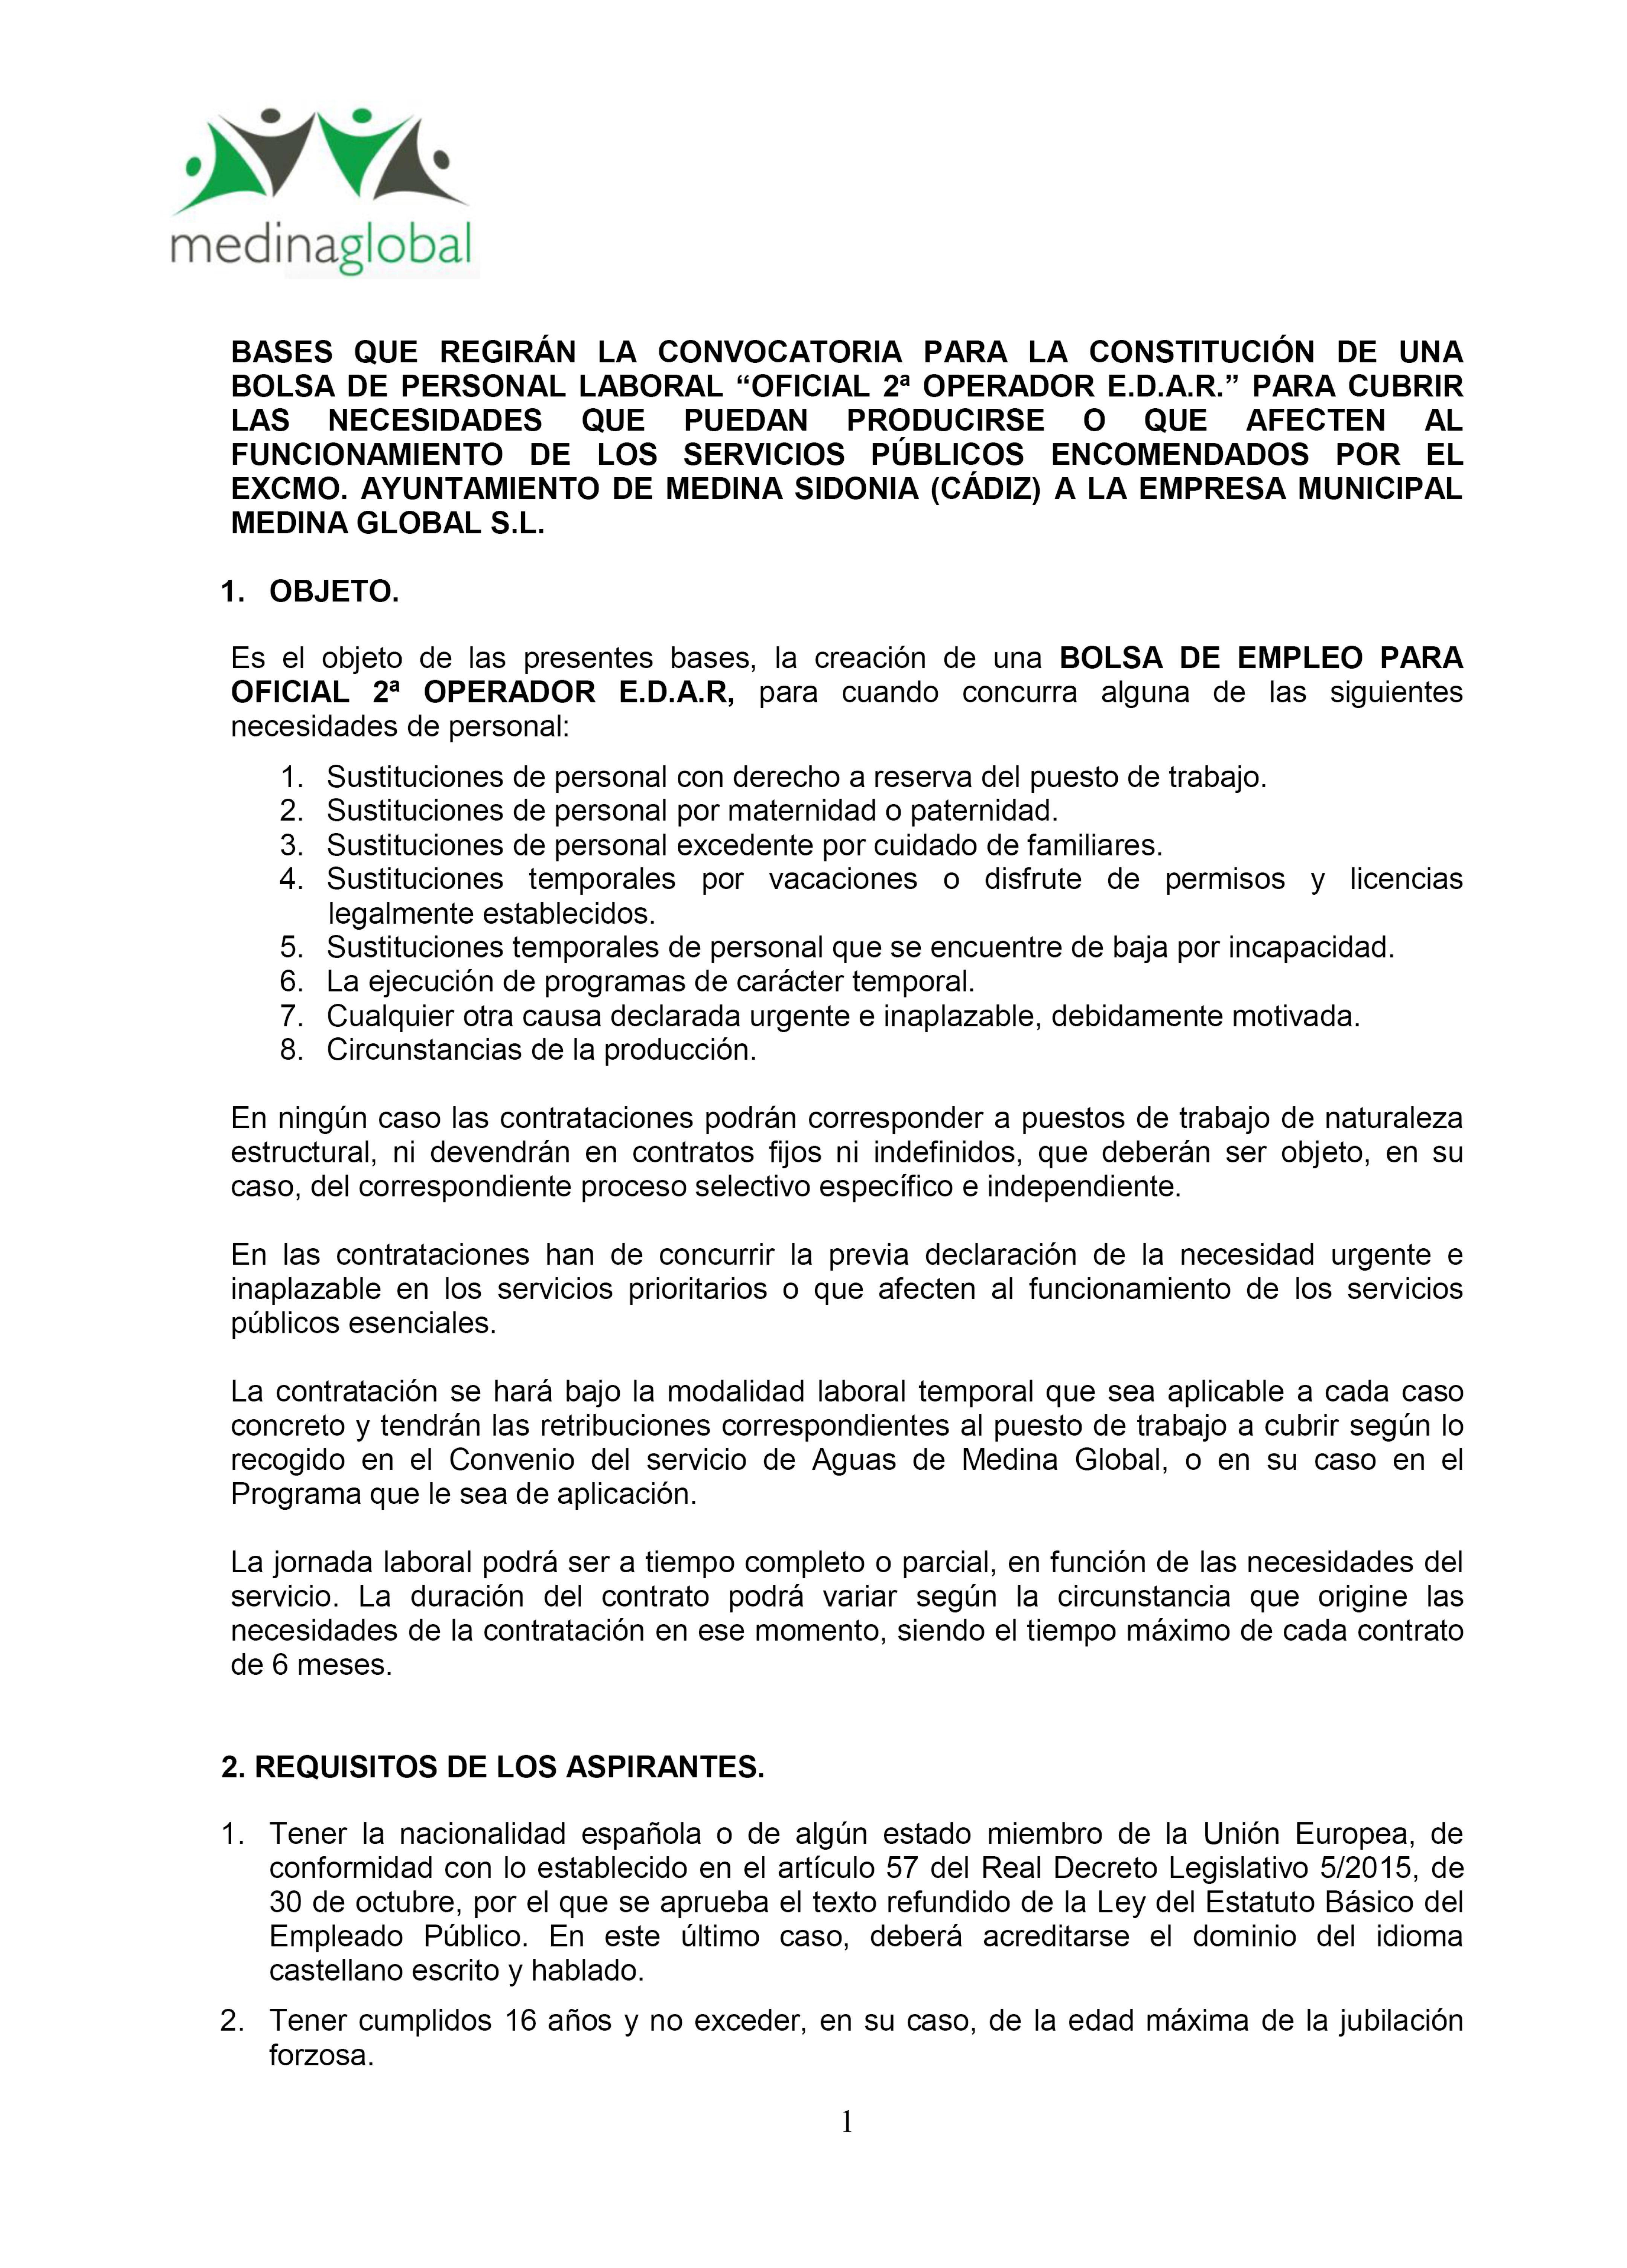 bases para la Constitución de una bolsa para personal laboral Oficial ª Operador EDAR